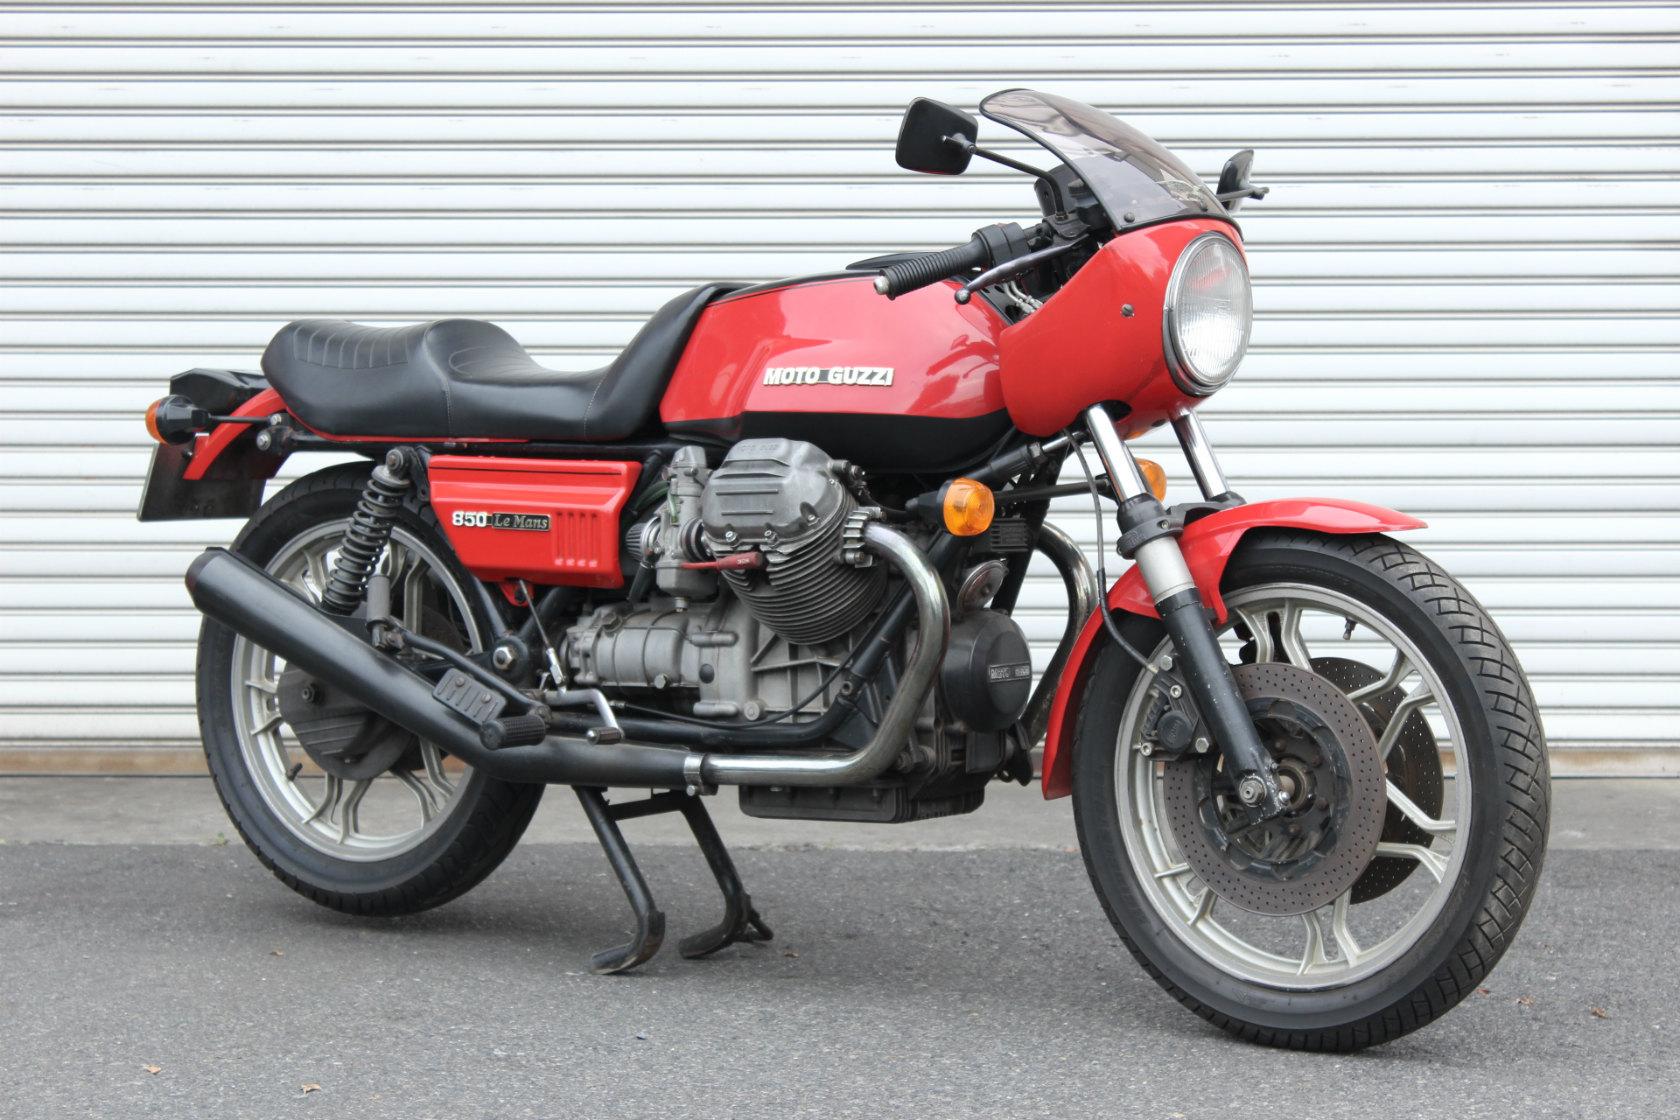 Moto Guzzi CX100 Le mansⅠCustom_a0208987_12174199.jpg